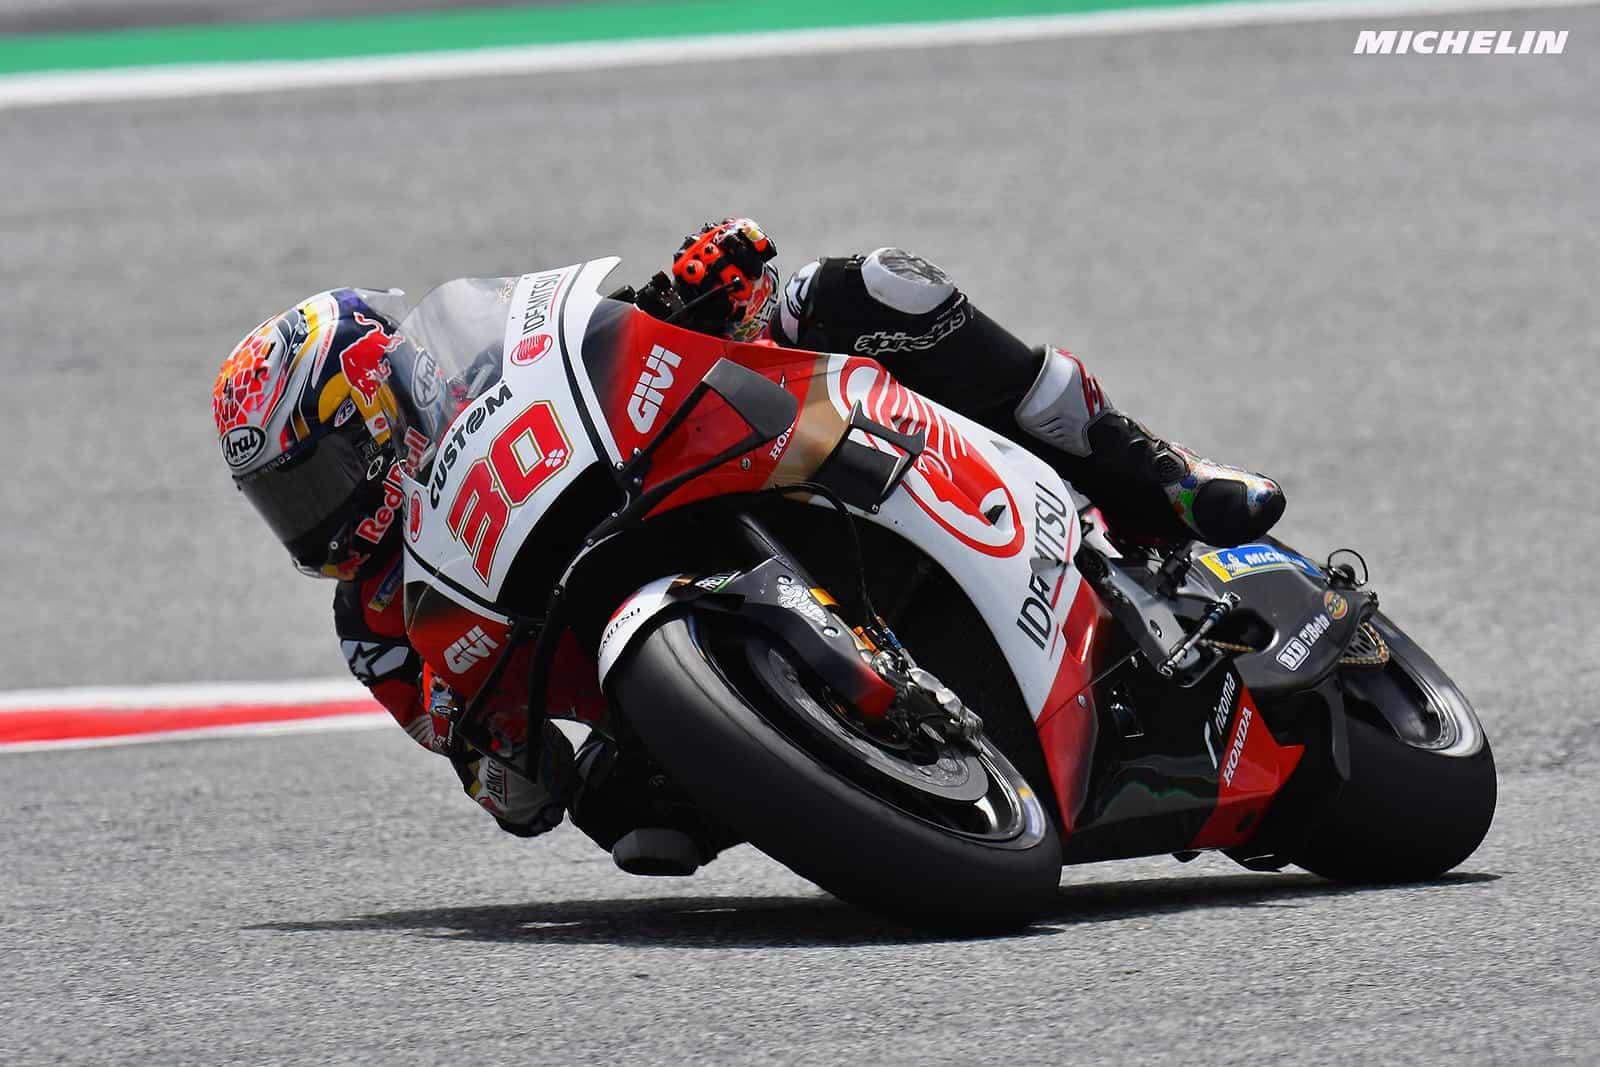 オーストリアGP 6位 中上 貴晶「準備を重ねて表彰台を狙いたい」